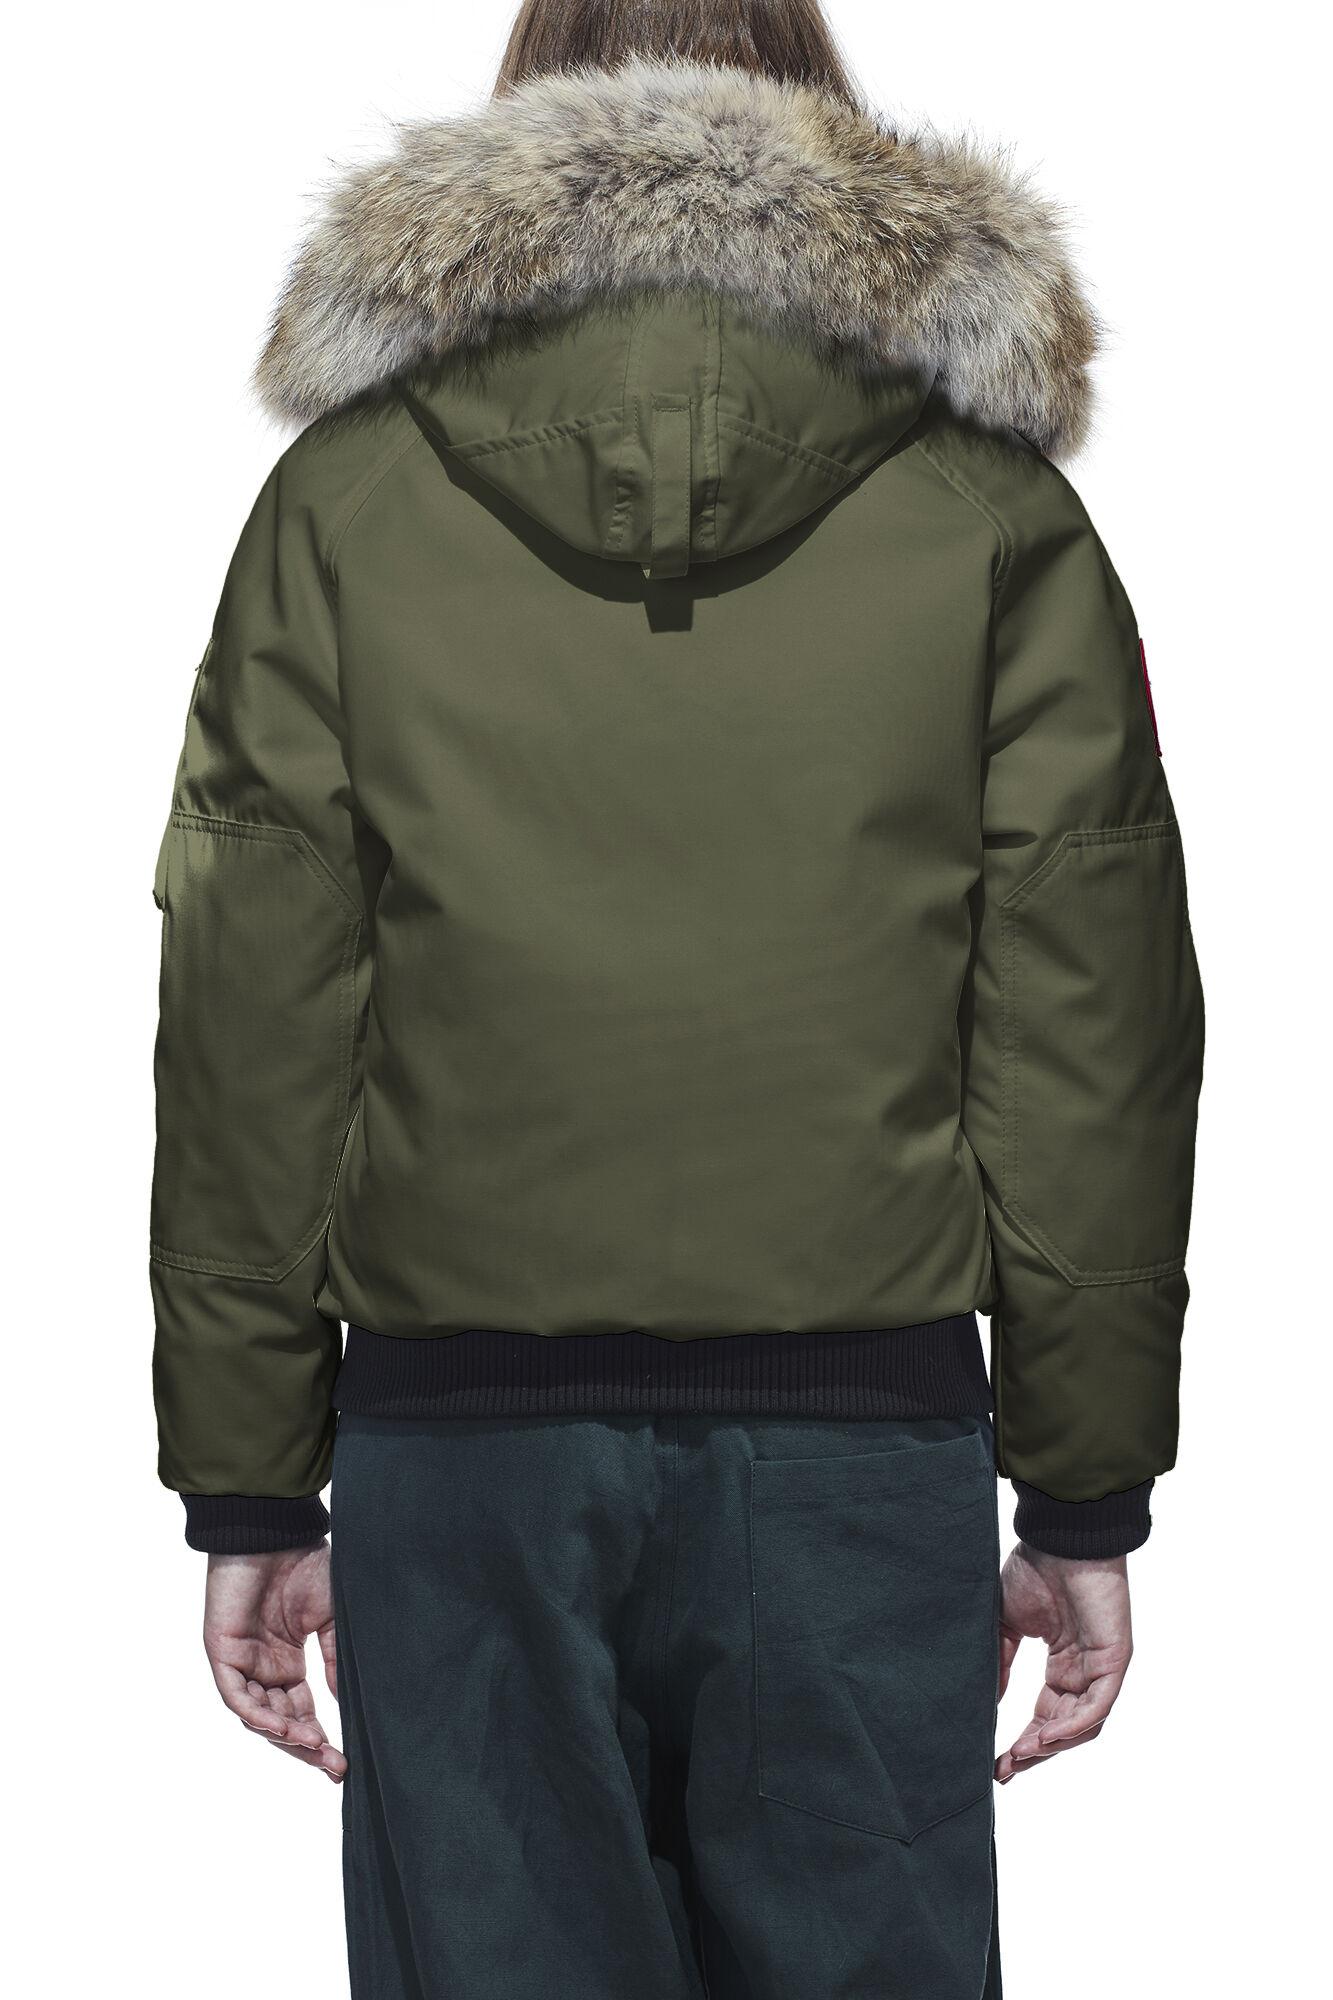 Canada Goose Clothing Uk Stockist